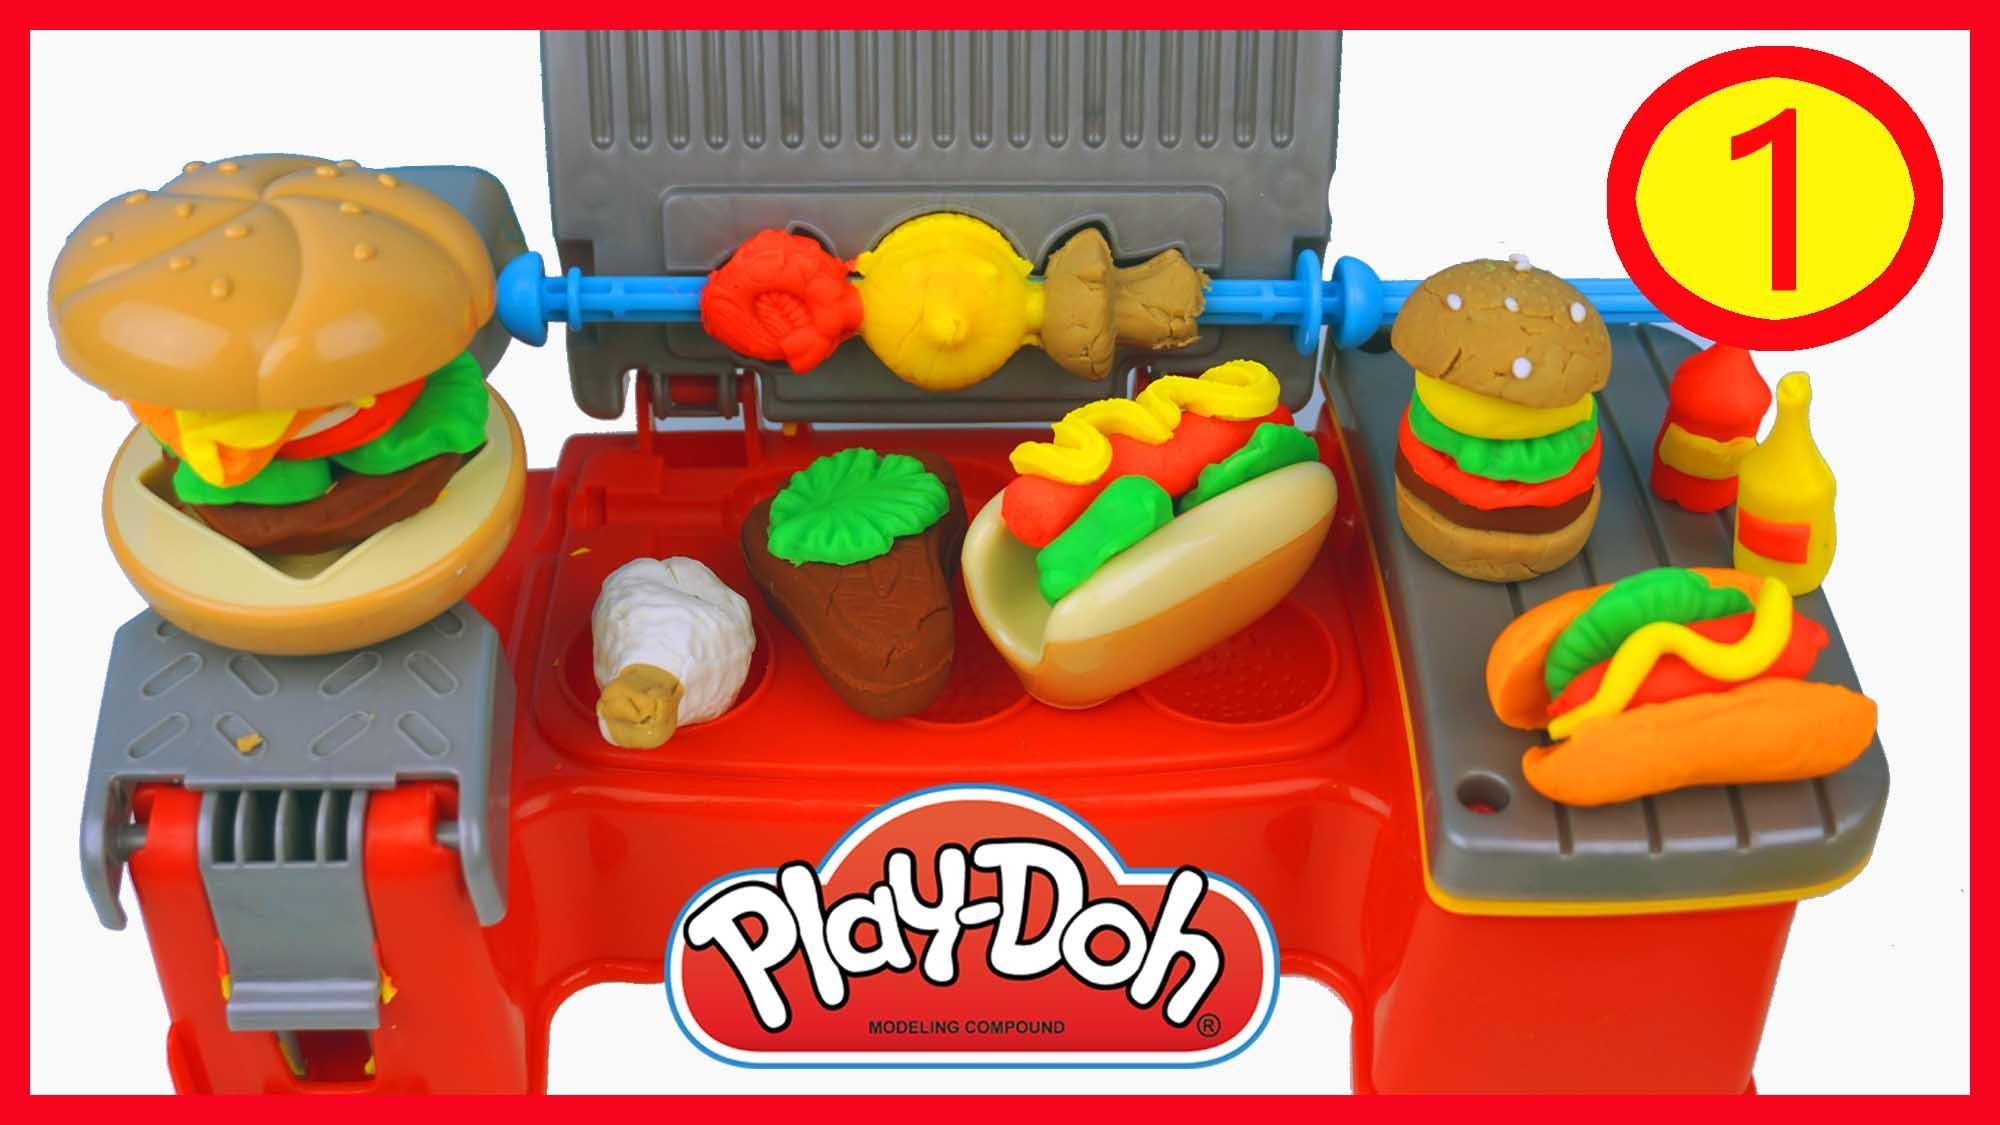 天才起步的摇篮! 《益智游戏:聪明宝宝玩彩泥》是天才宝贝早教系列之一。通过多种绘画示范和实物影象资料,带领儿童逐步从认知世界到学会用画笔去表达眼中的缤纷世界;内容全面,系统性强!孩子从小爱玩的益智健脑游戏!